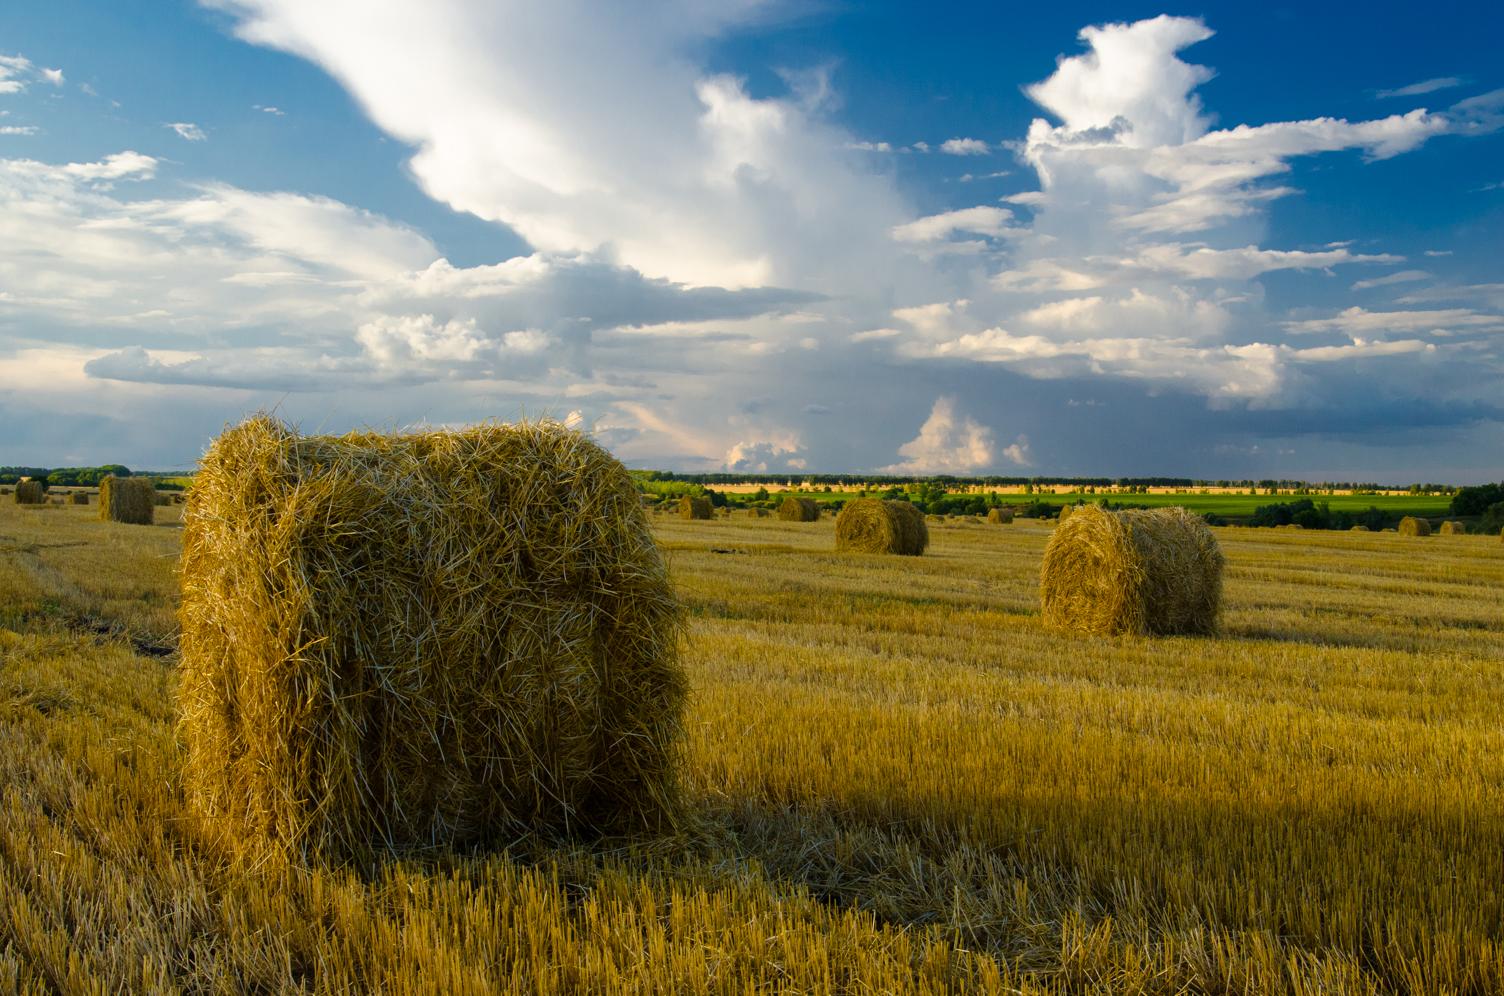 клеточный принт фото сан русское поле деревья